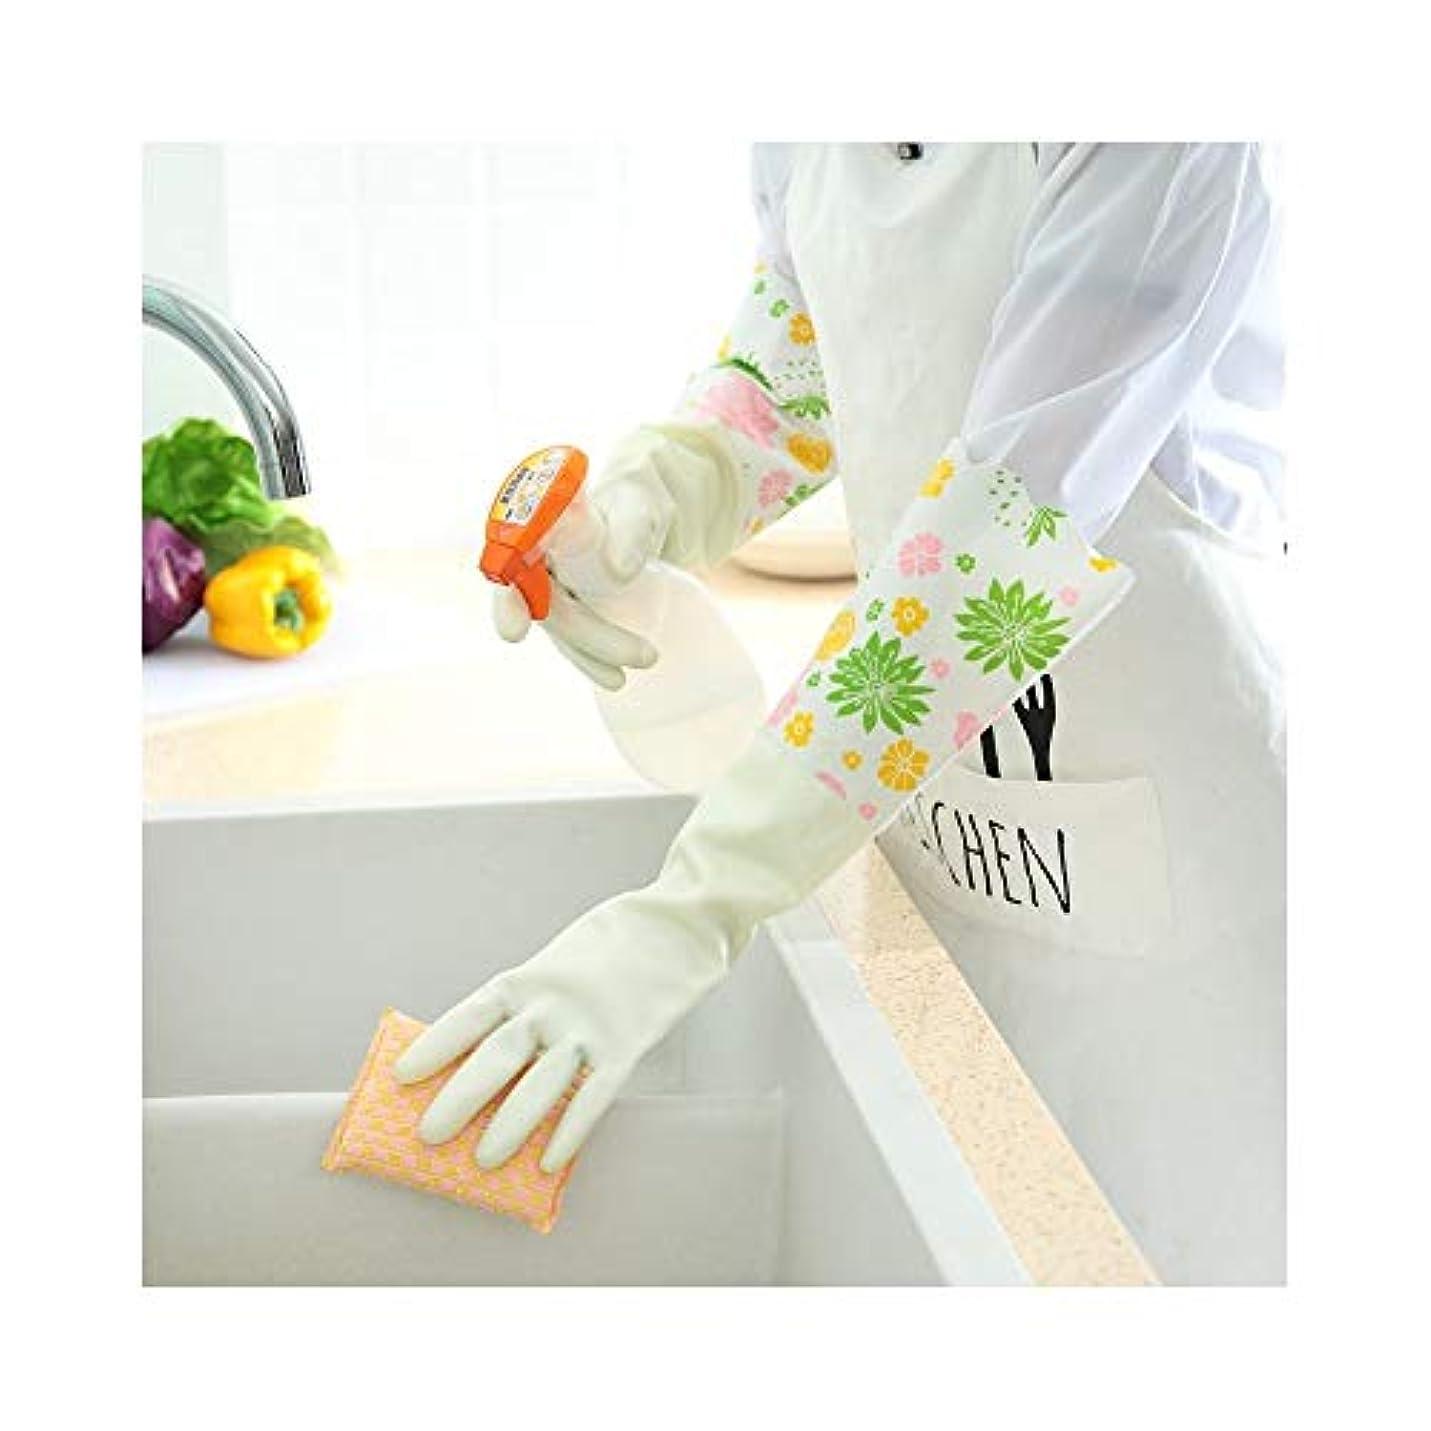 メーカーアヒル降伏ニトリルゴム手袋 キッチン用手袋防水性と耐久性のあるゴム製家事用手袋、1ペア 使い捨て手袋 (Color : GREEN, Size : L)